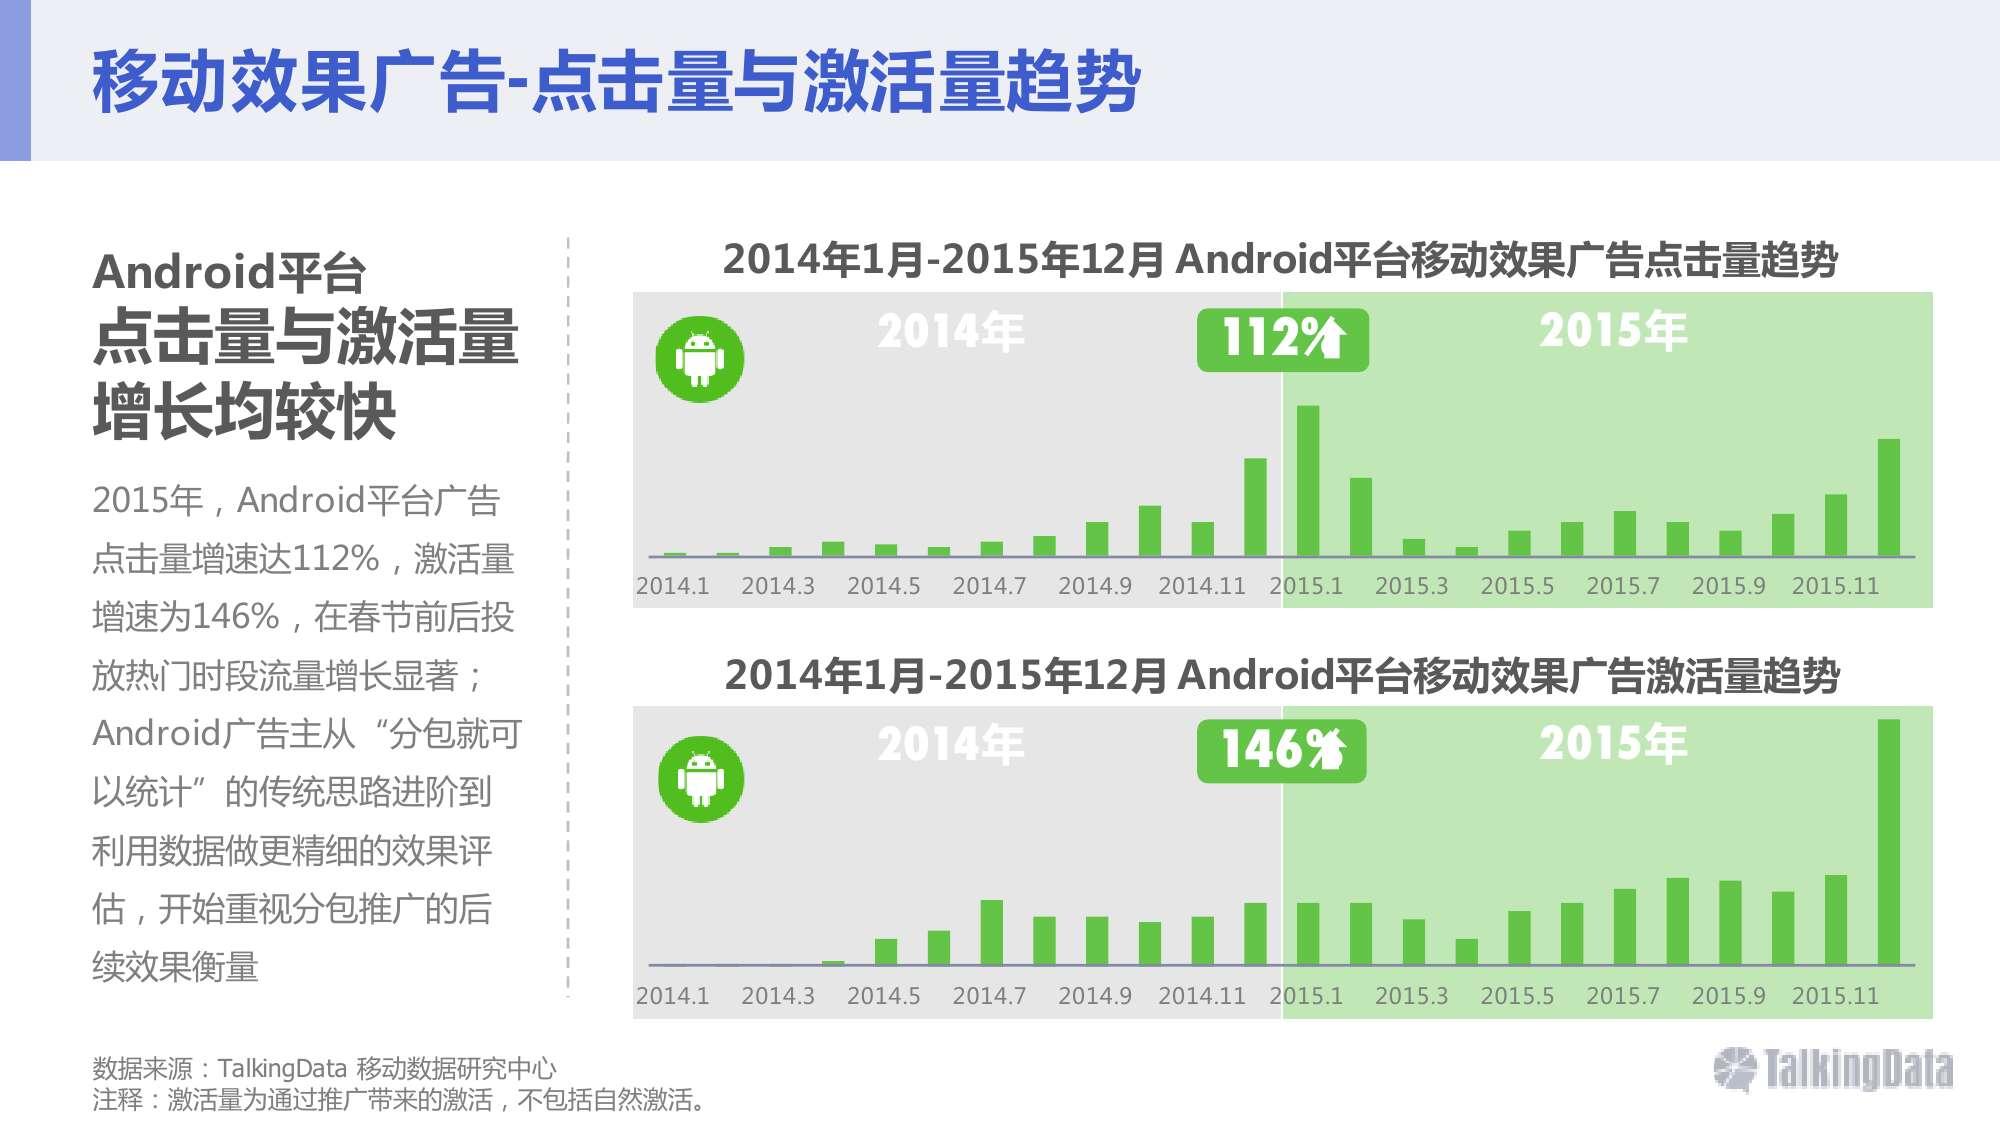 2015年移动广告行业报告_000012